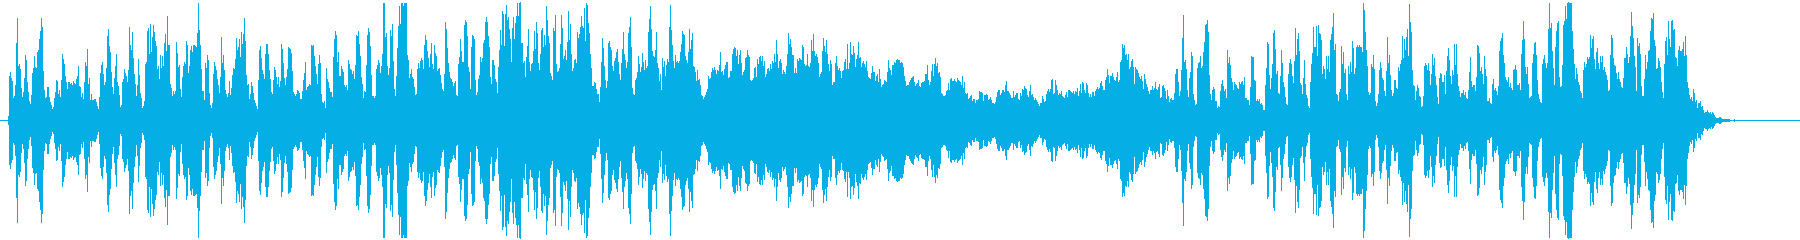 悲しい/怖い/優しい/オーケストラ/夏の再生済みの波形